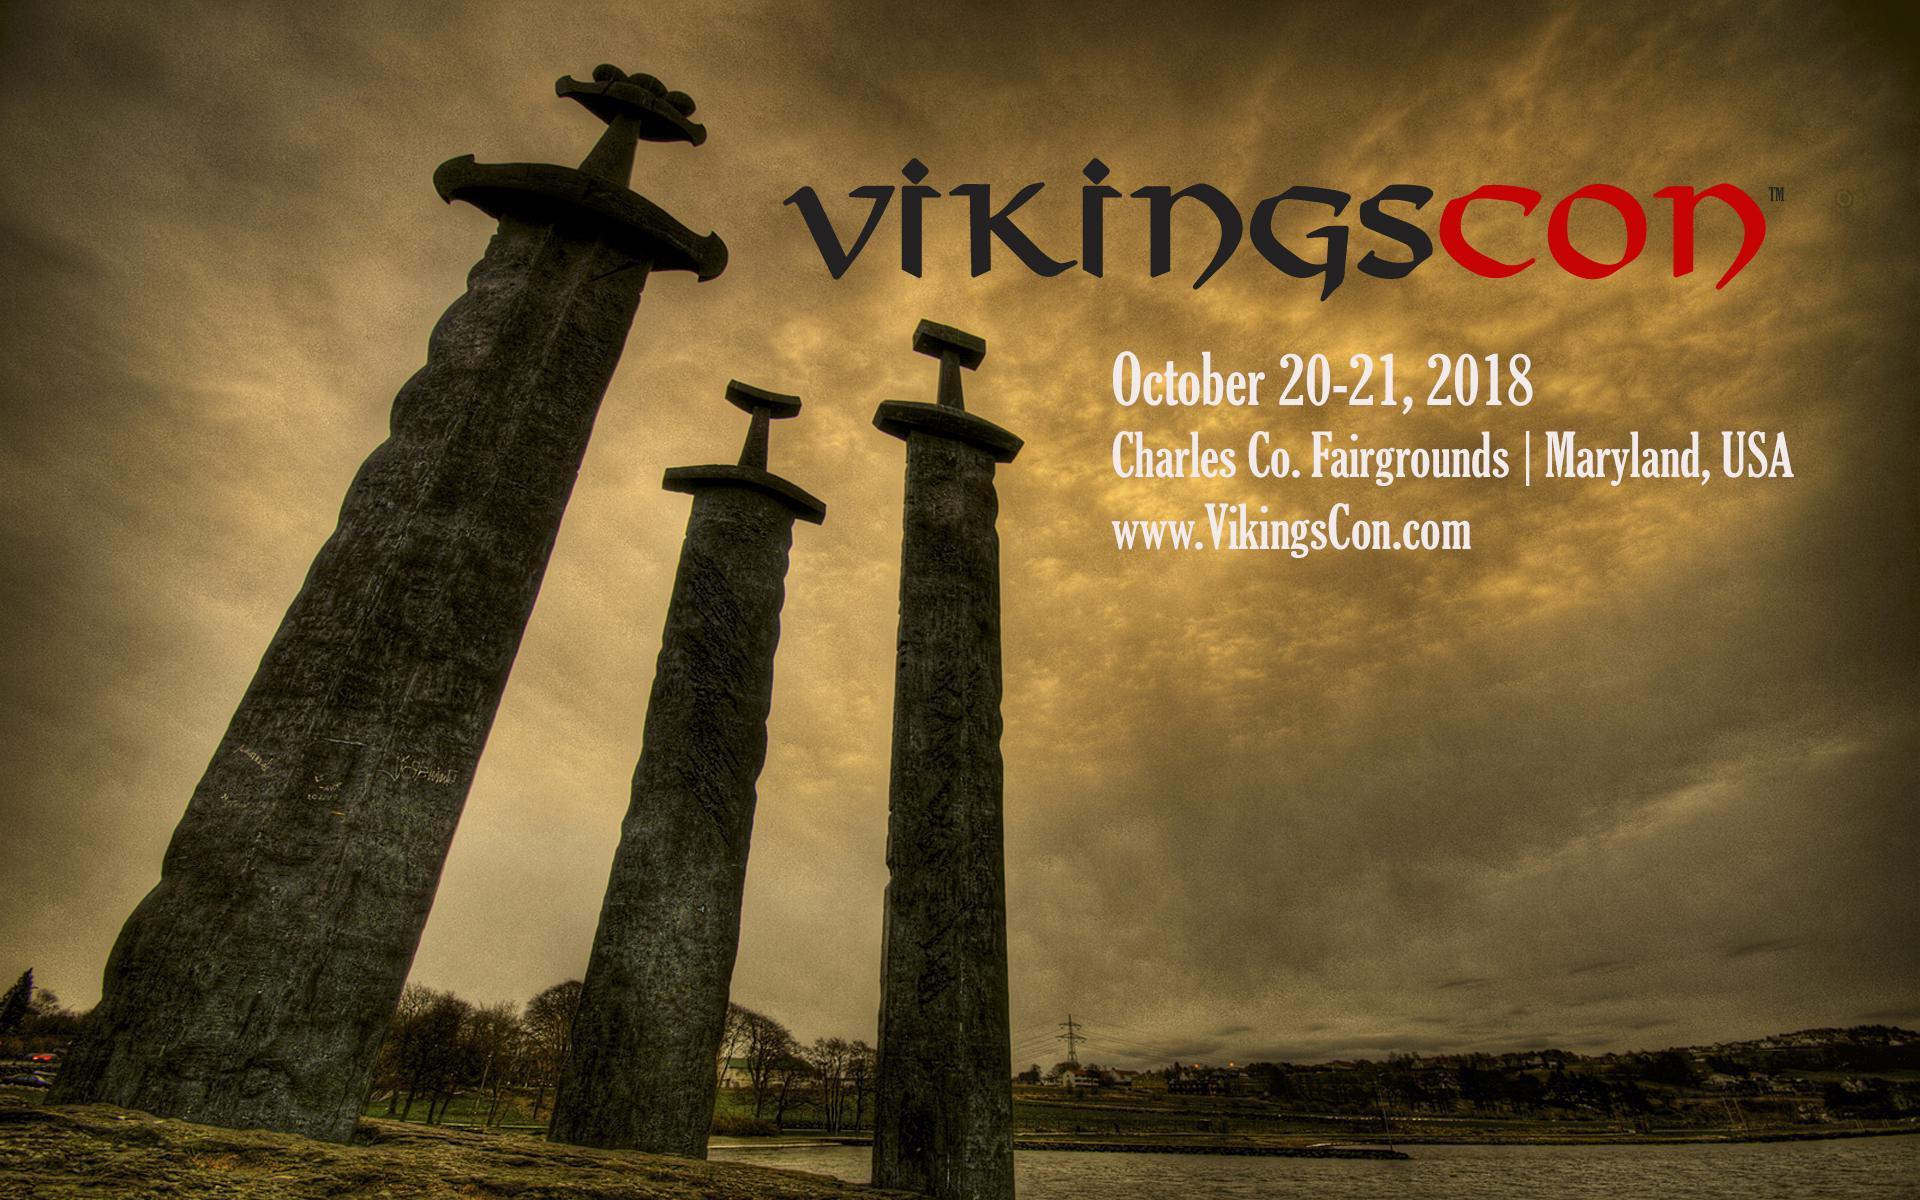 VikingsCon 2018